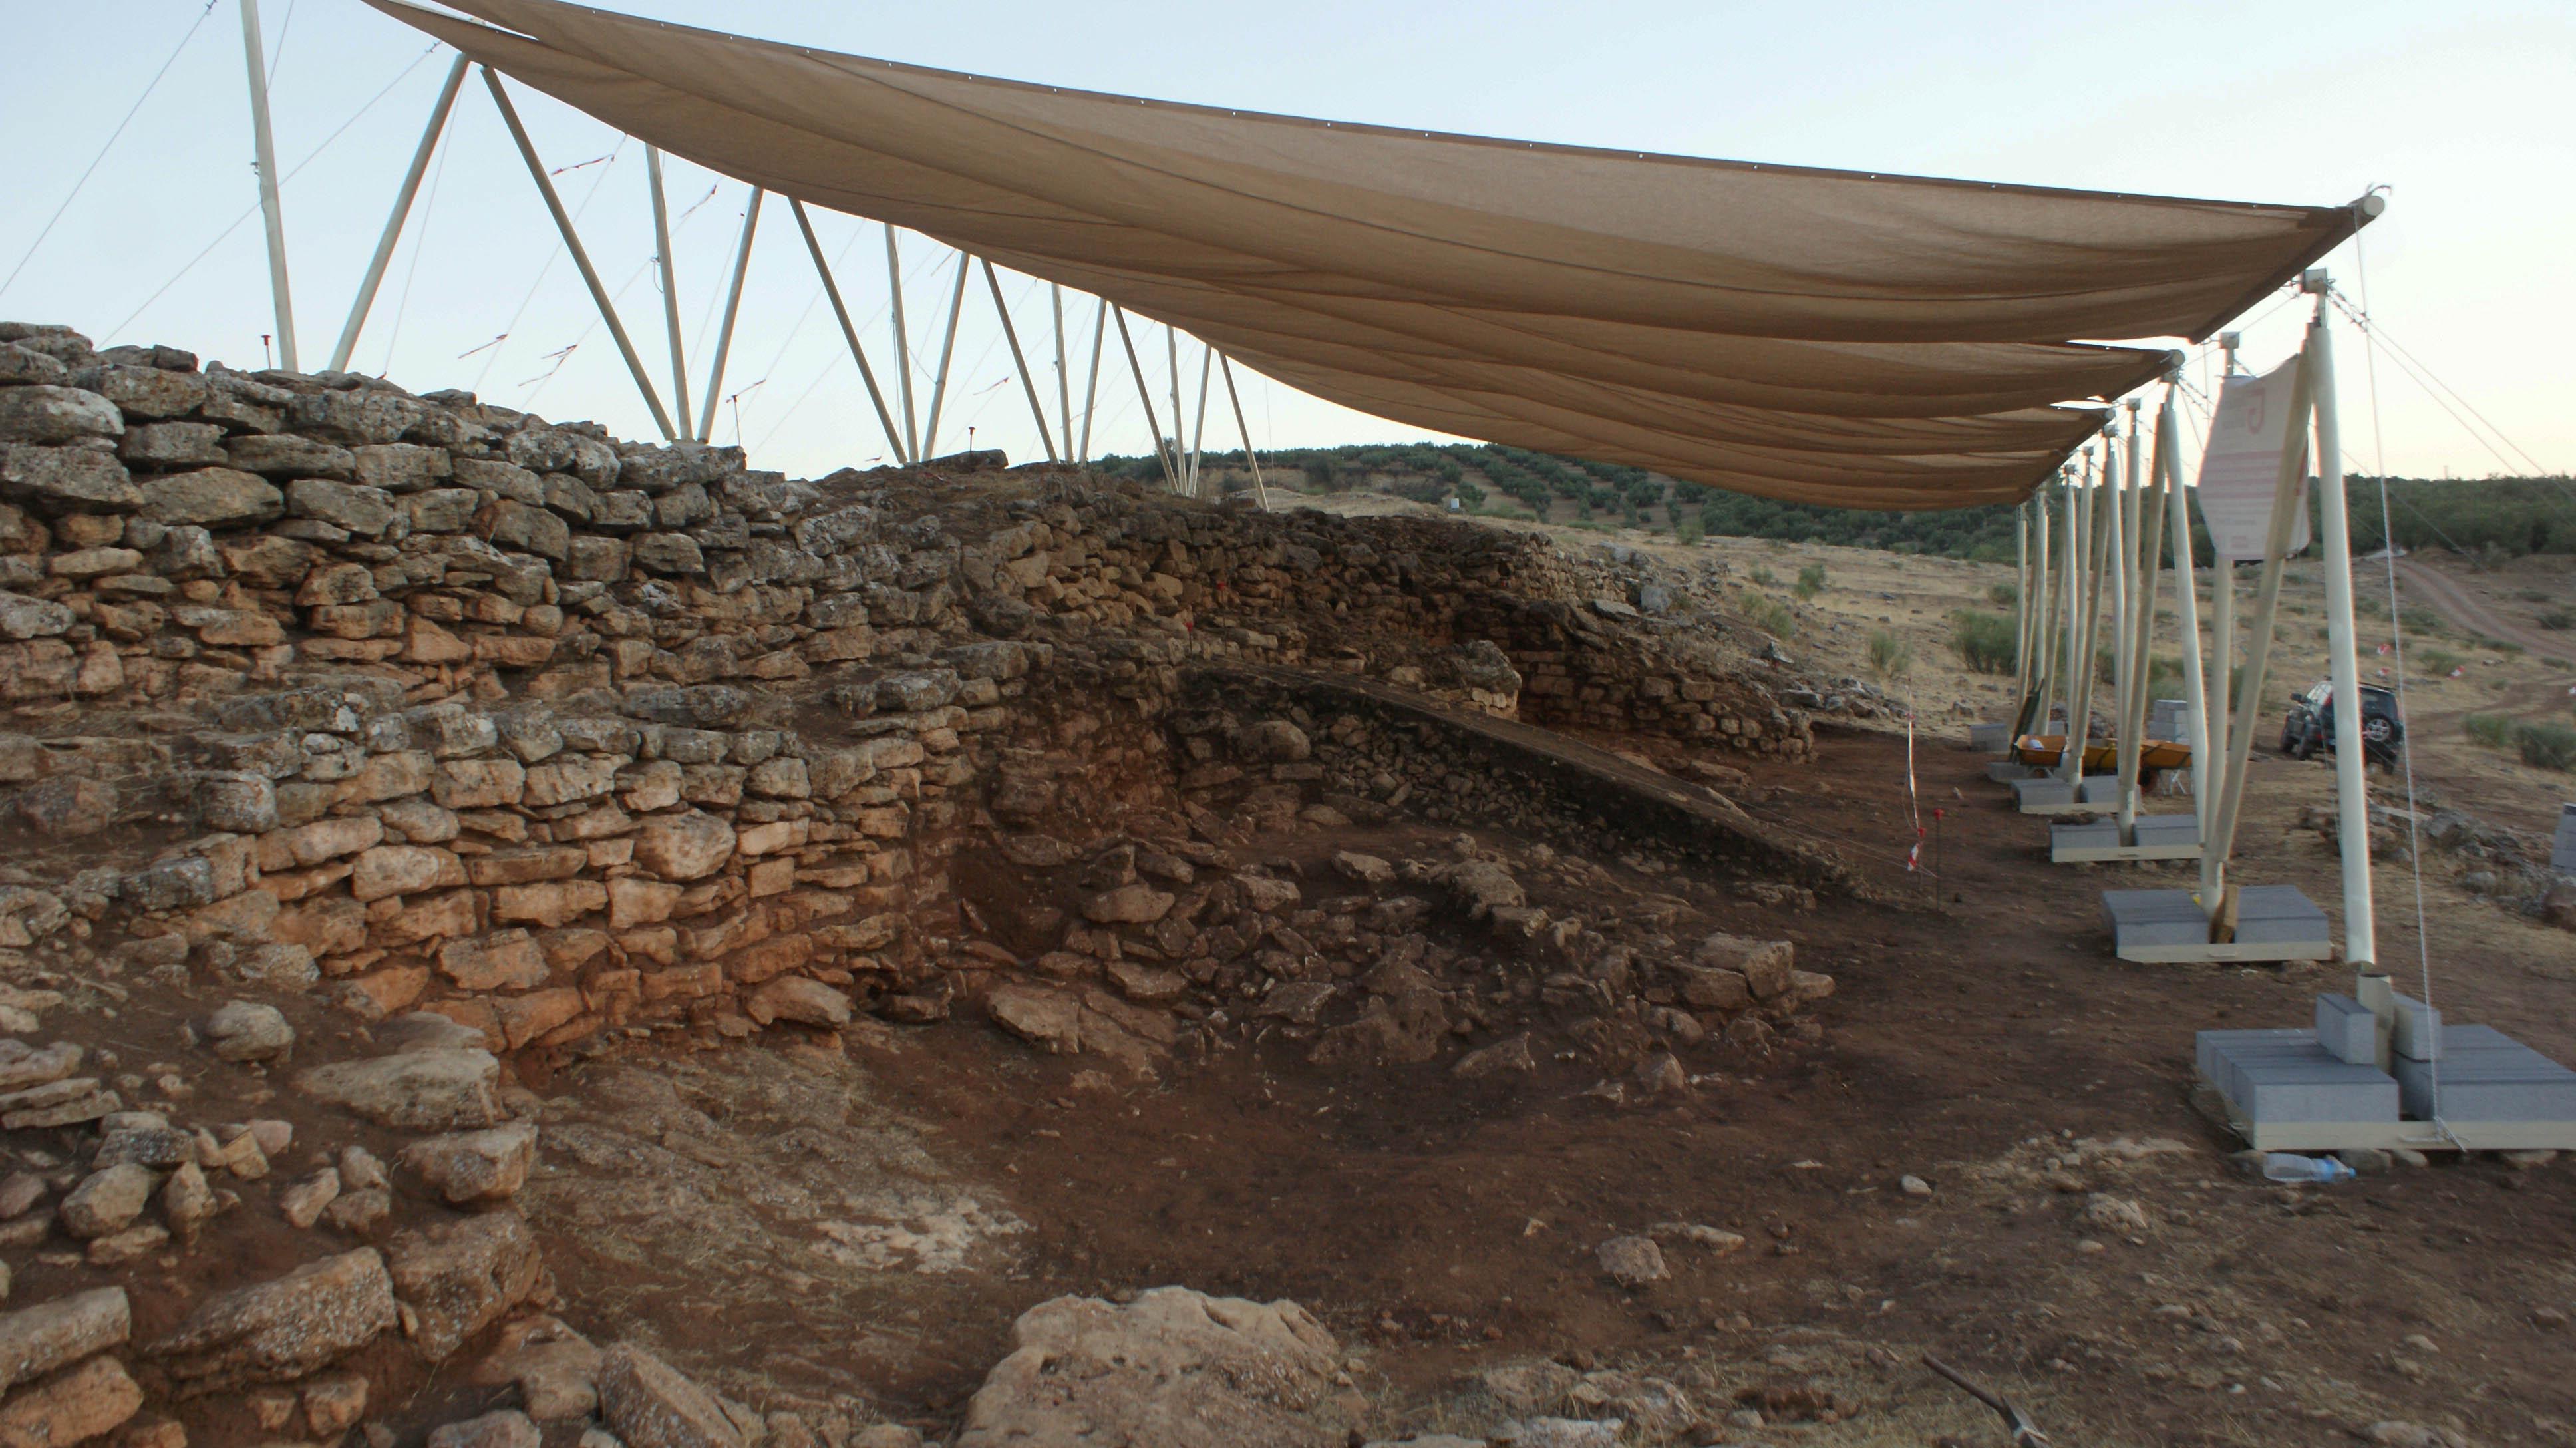 Arqueólogos de la UGR descubren en Algarinejo un poblado fortificado de hace 5000 años